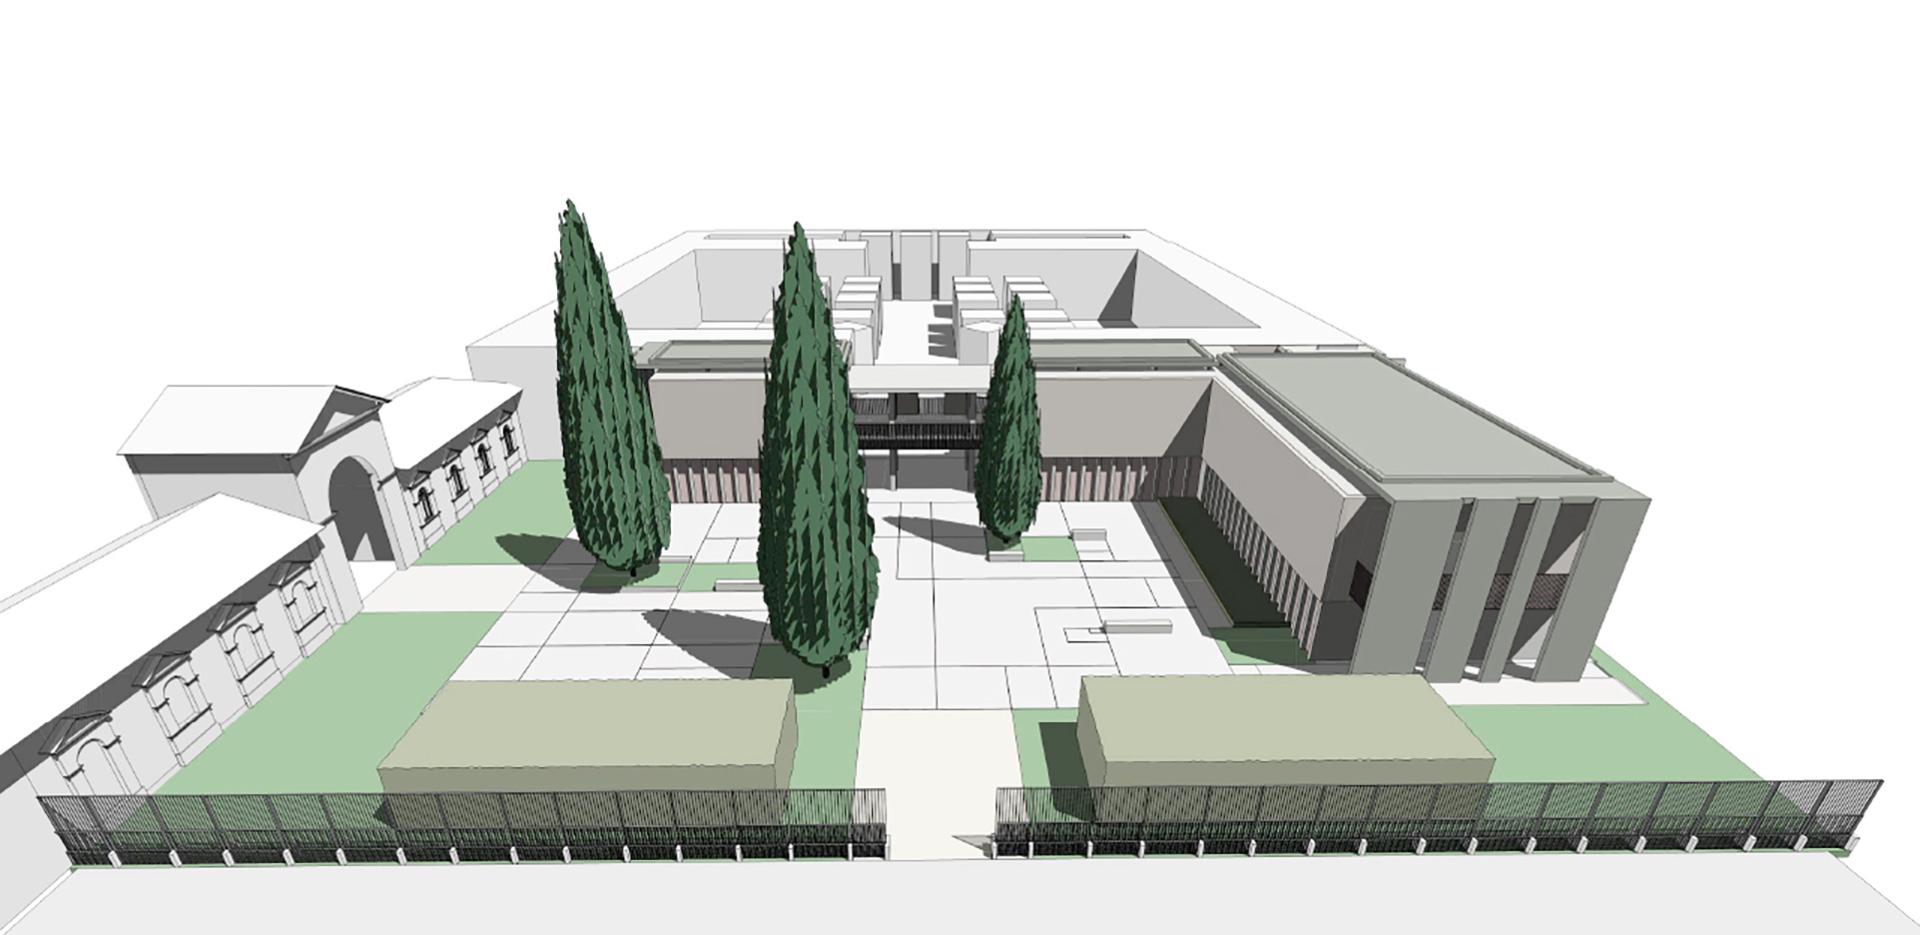 cimitero monumentale. vista prospettica degli assi distributivi - asse ingresso est-ovest che collega il cimitero monumentale con il nuovo ampliamento.